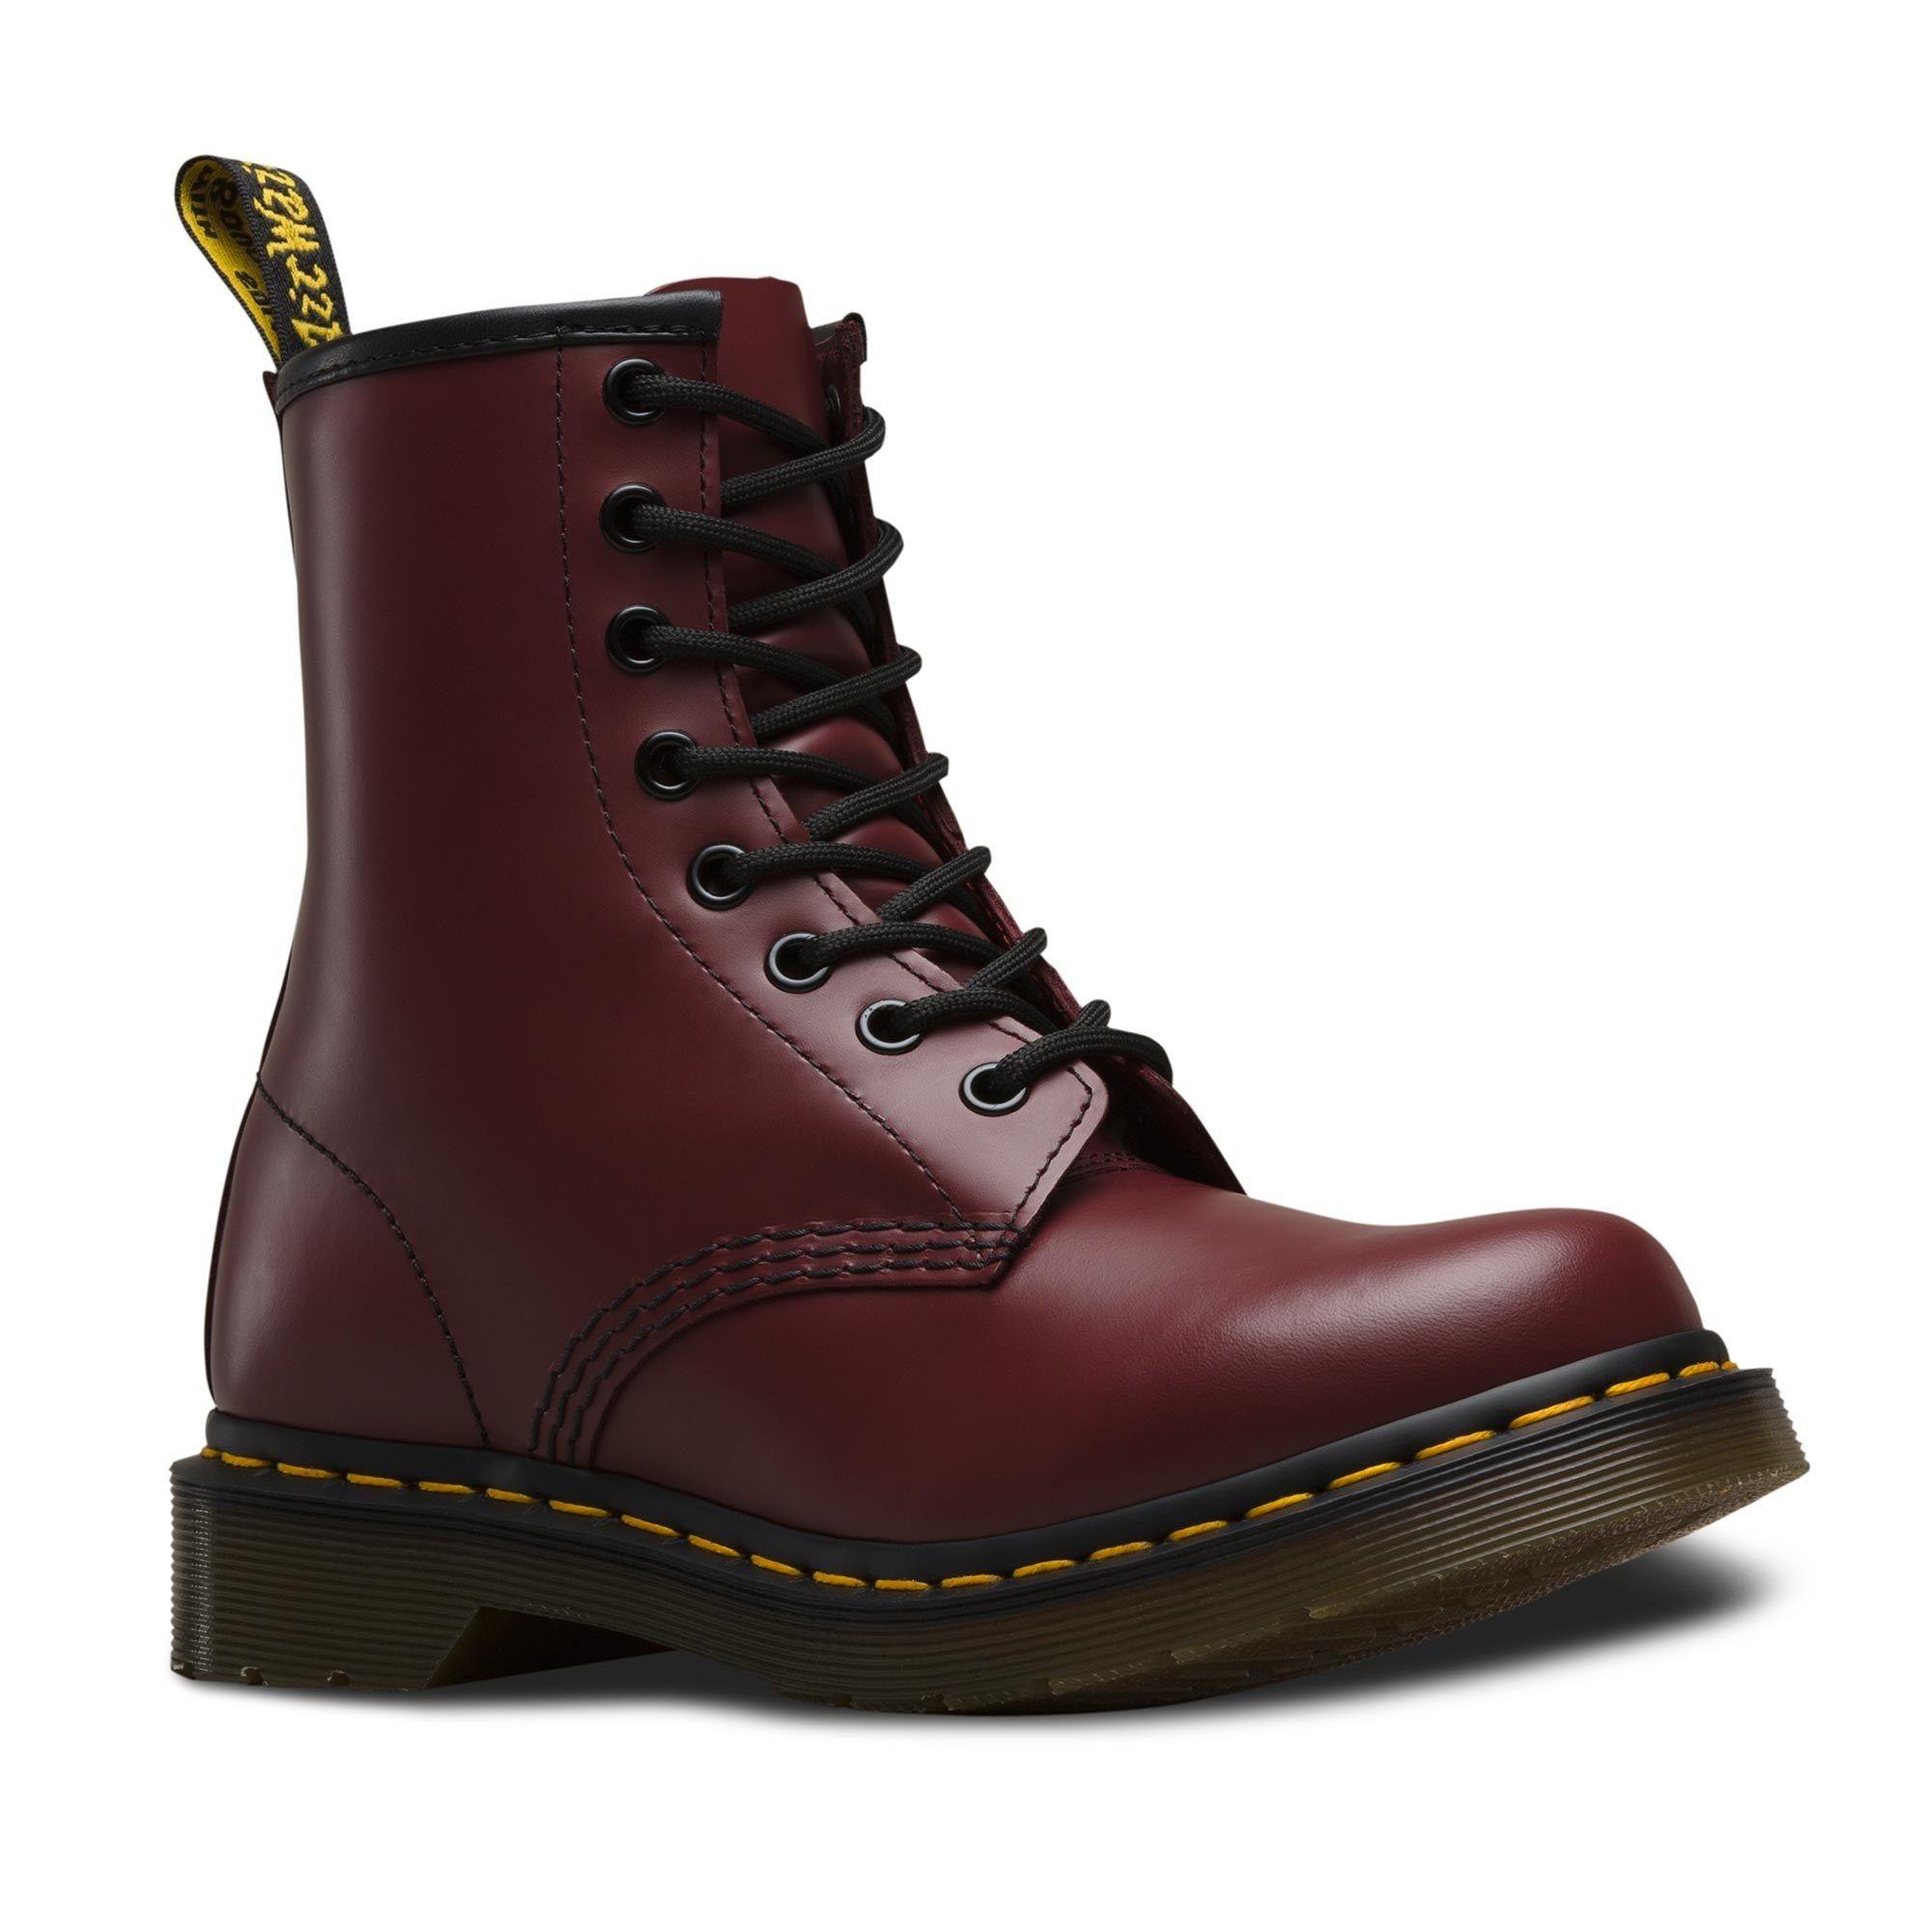 a388c8131c26 10 Best Grunge Boots to Get Summer s  90s Trend Photos   W Magazine